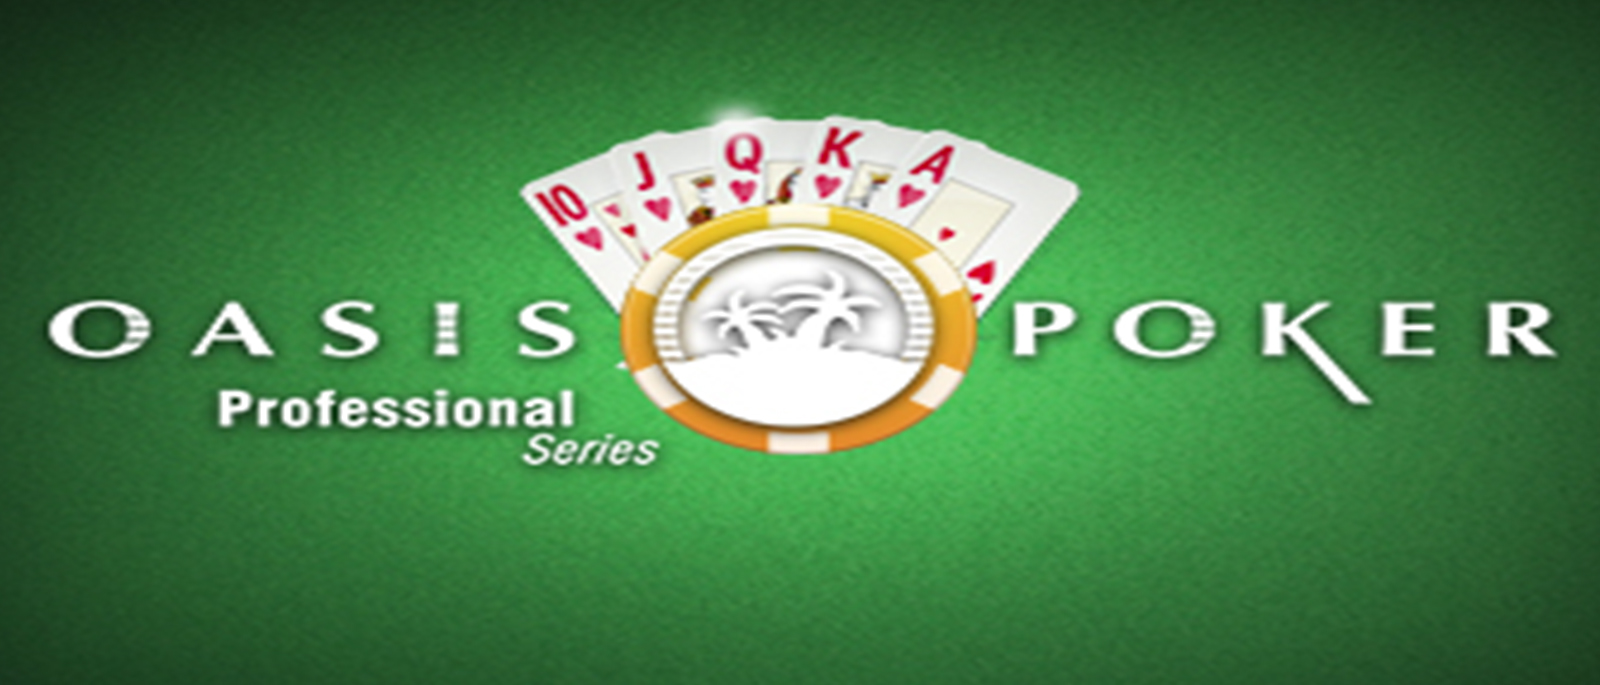 online casino bonus ohne einzahlung sofort slots gratis spielen